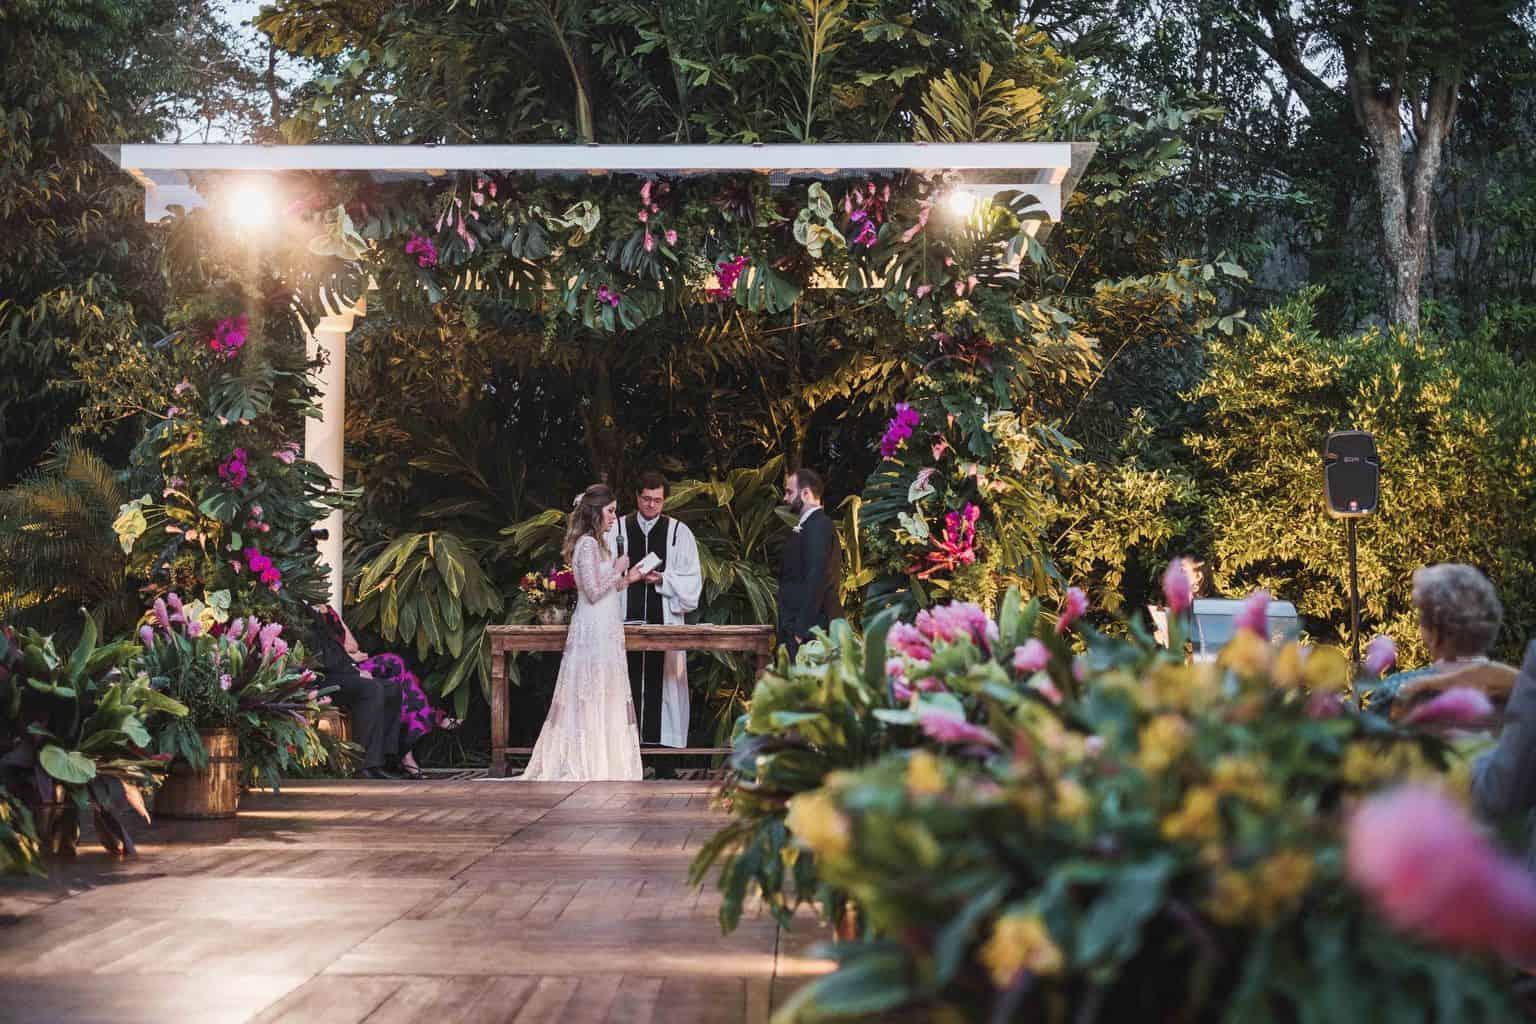 casamento-na-serra-cerimonia-ao-ar-livre-Fotografia-Renata-Xavier-Les-Amies-Cerimonial-Locanda-Della-Mimosa-Natalia-e-Bruno-noivos-no-altar442